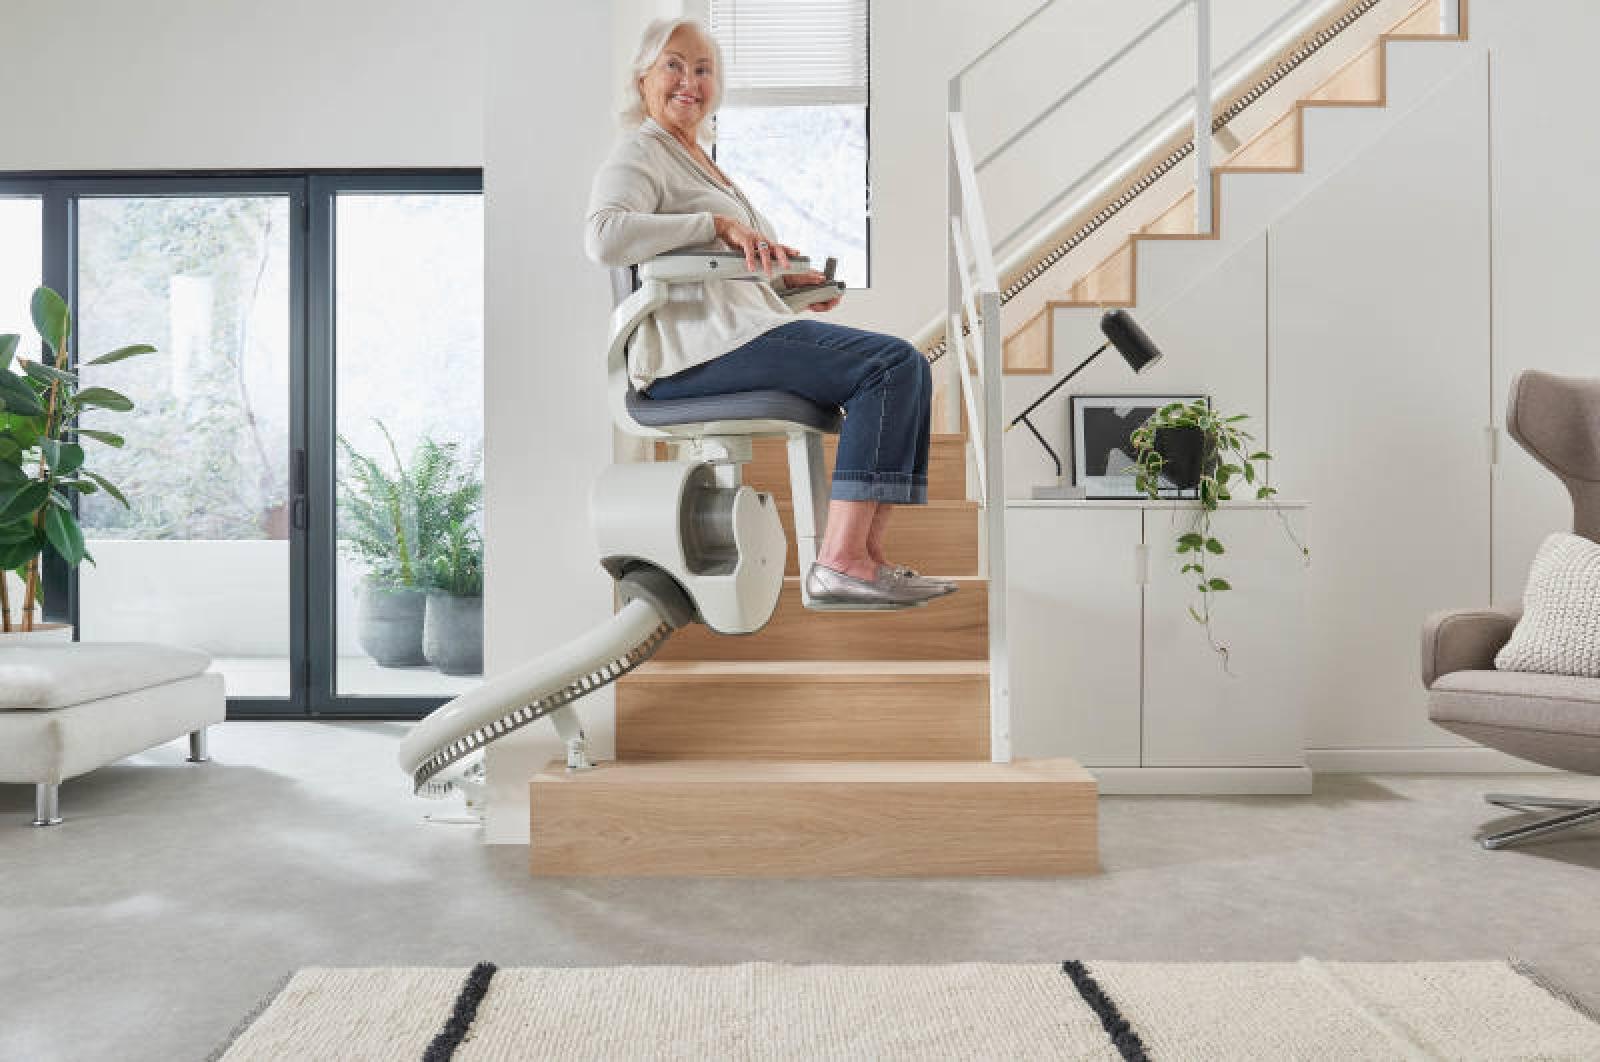 Visuel : FLOW X: le nouveau monte- escalier monorail design et innovant d'Access